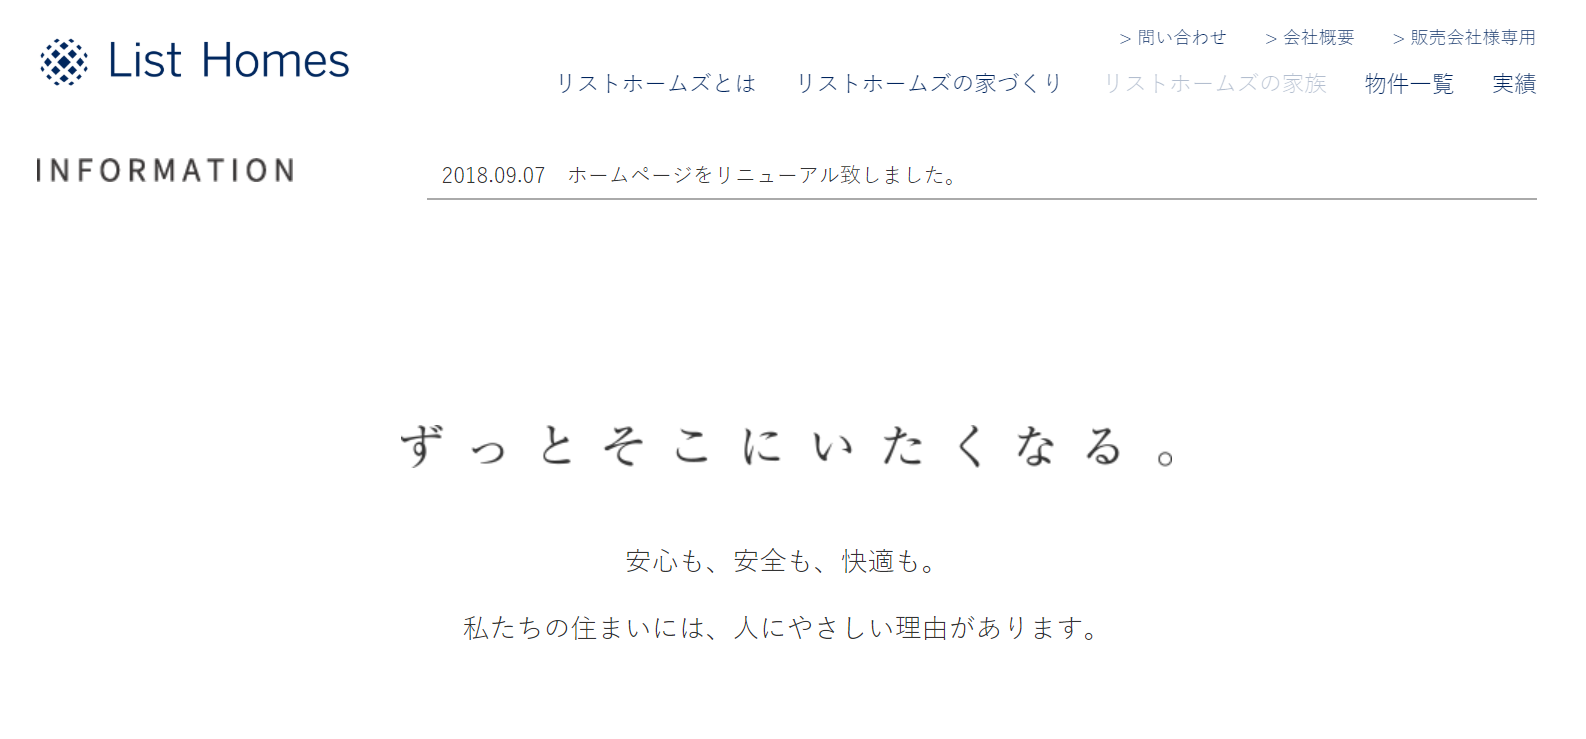 リストガーデン三ツ池公園(リストホームズ)の評判・口コミ【神奈川/20代女性】